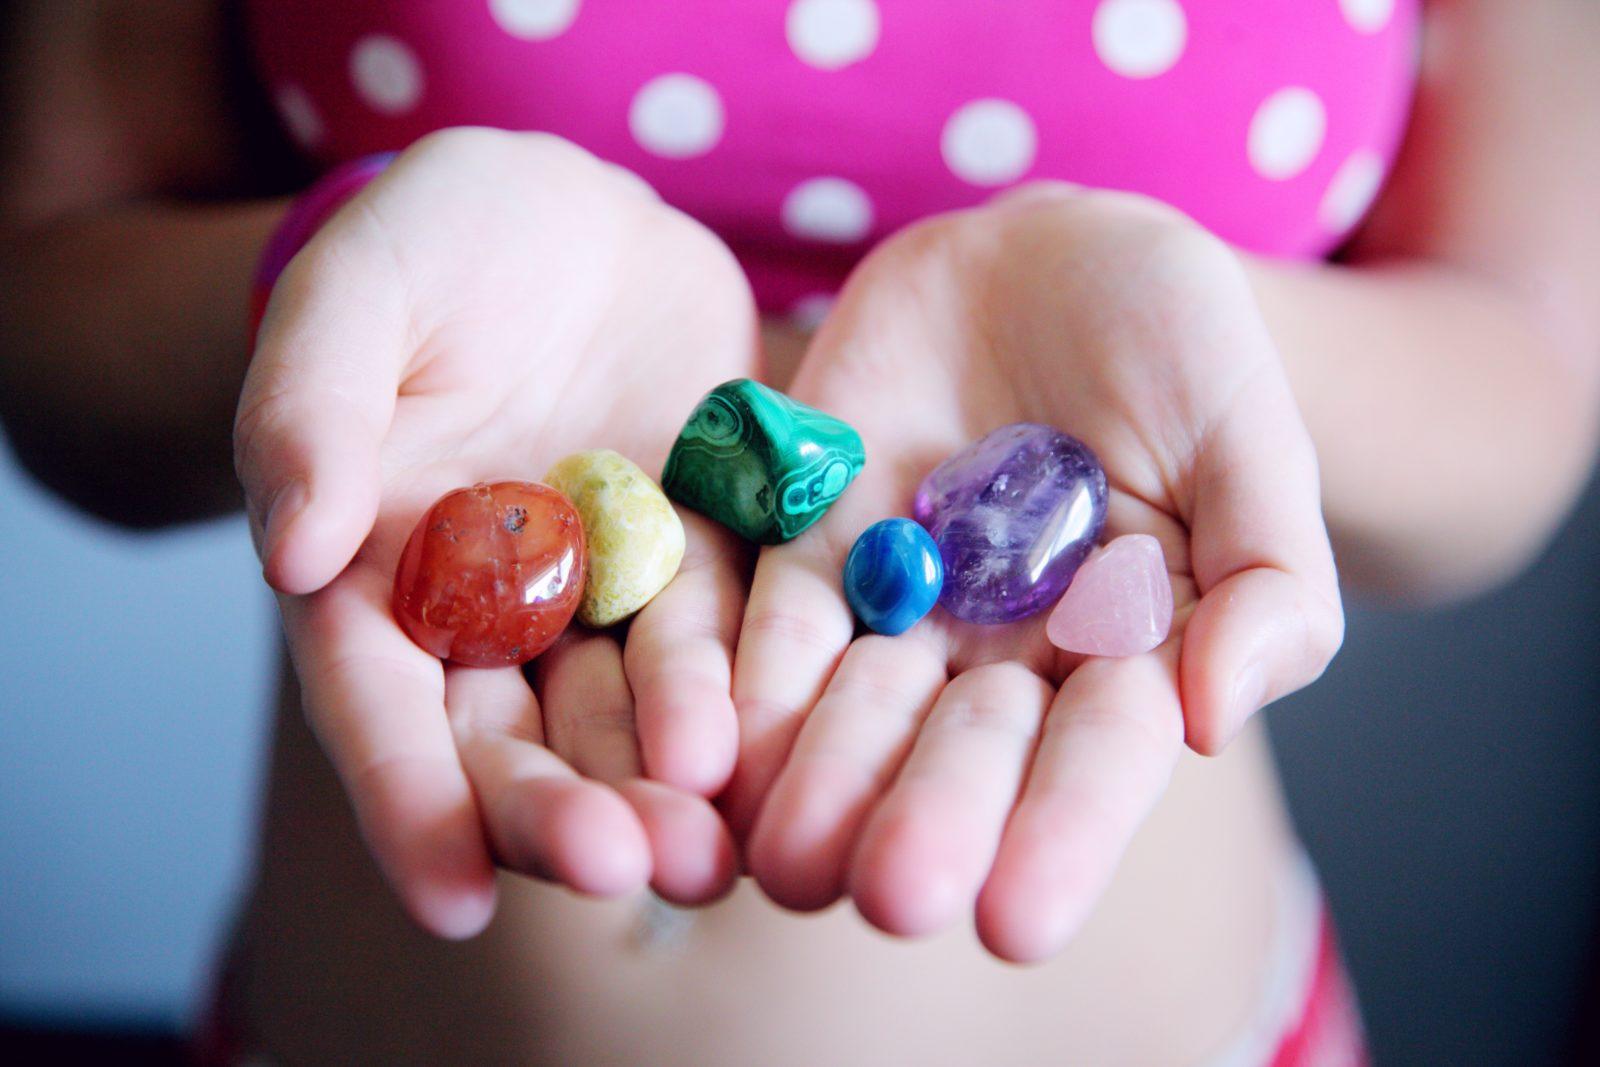 colares de pedras preciosas